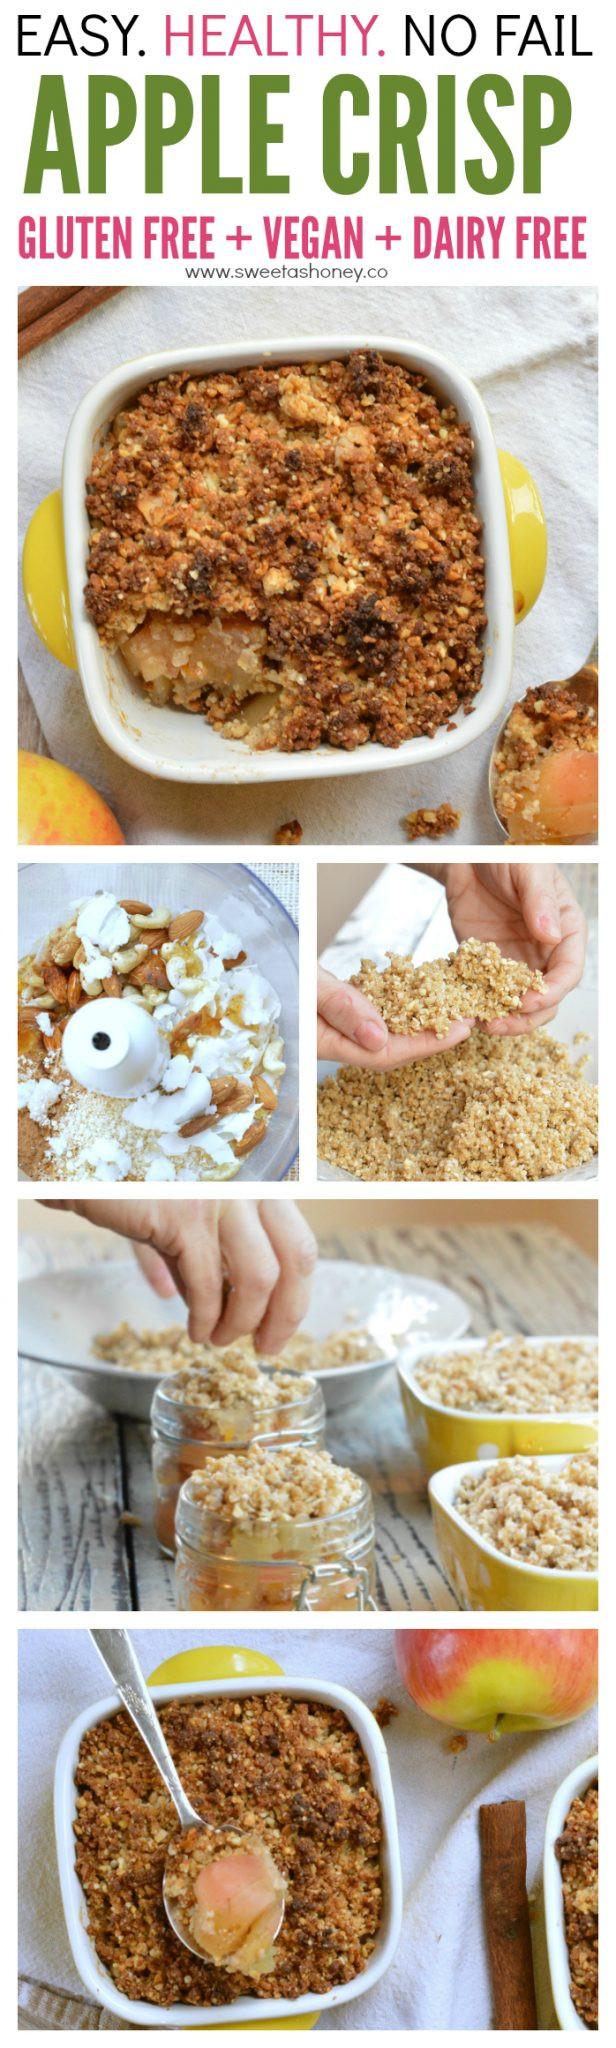 Easy Healthy Gluten Free Recipes  Gluten free Apple crisp recipe